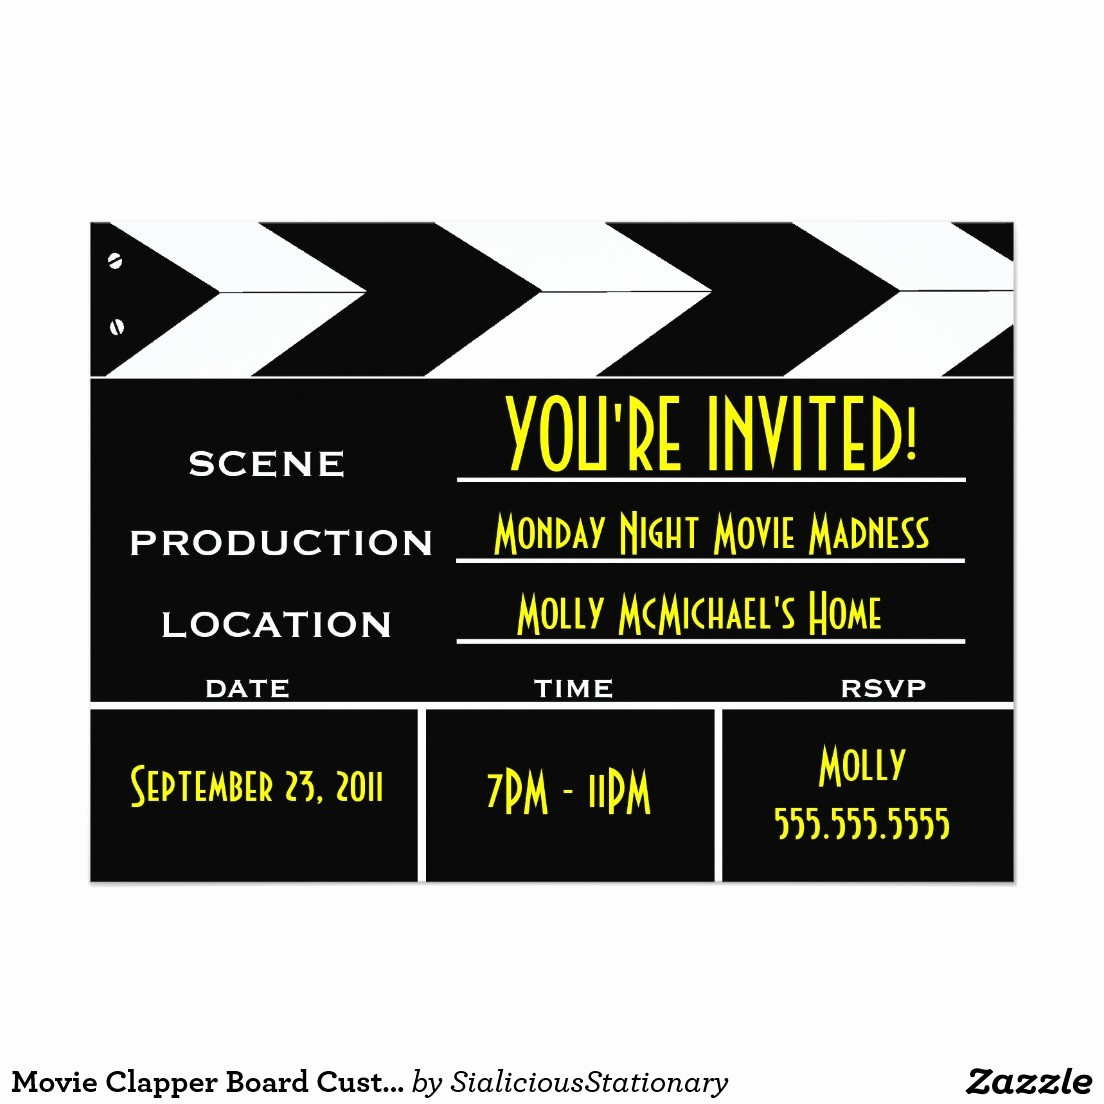 Movie Premiere Invitation Template Free Unique Movie Premiere Invitation